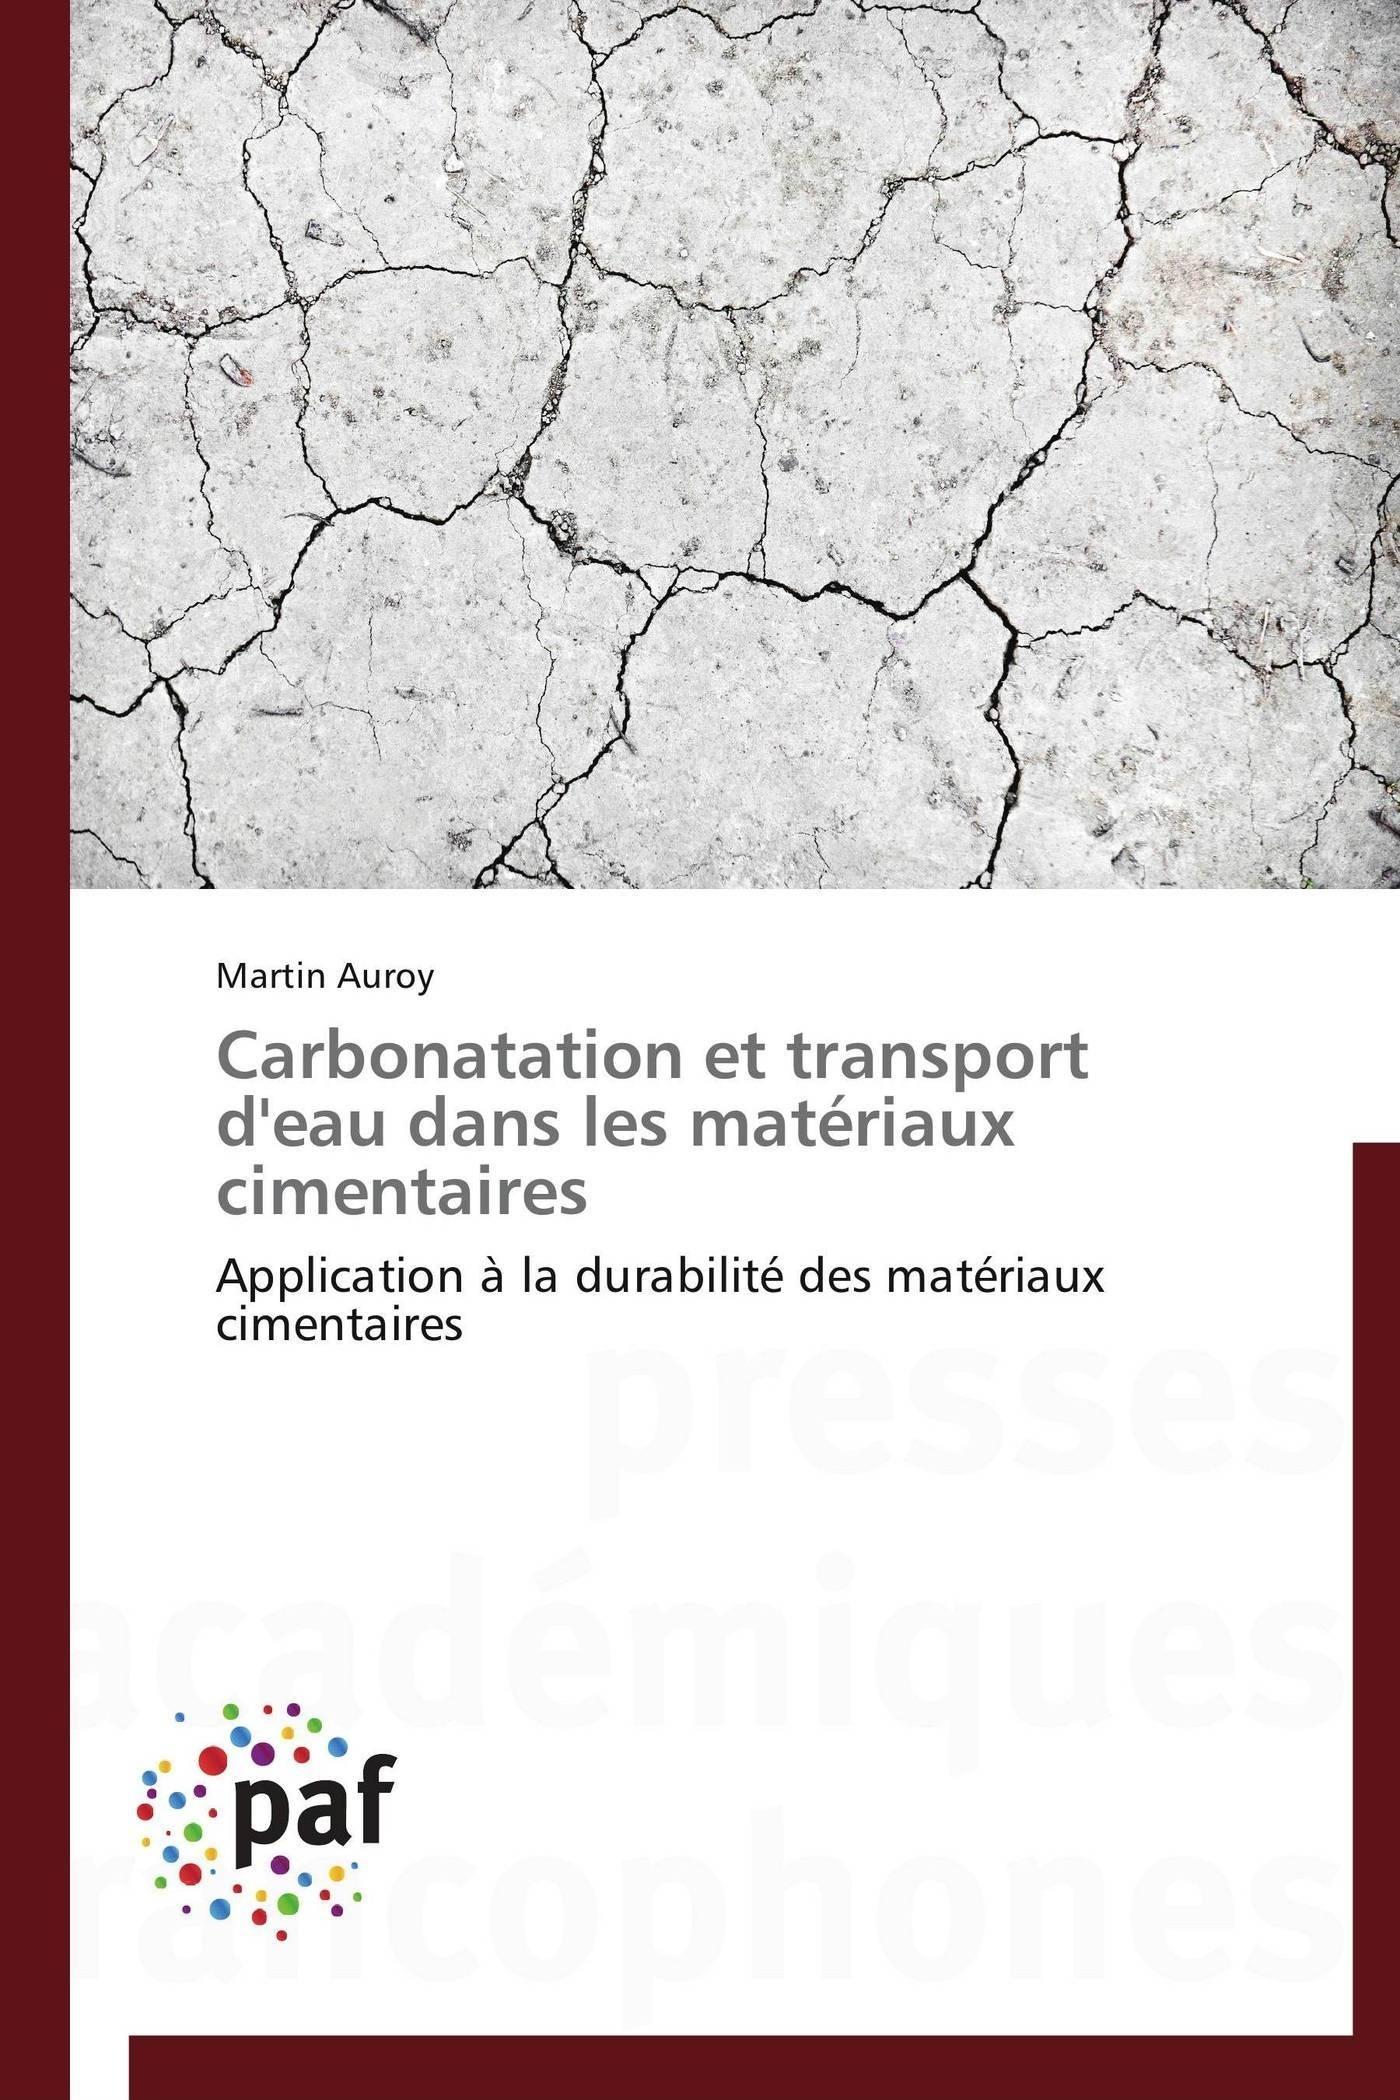 CARBONATATION ET TRANSPORT D'EAU DANS LES MATERIAUX CIMENTAIRES